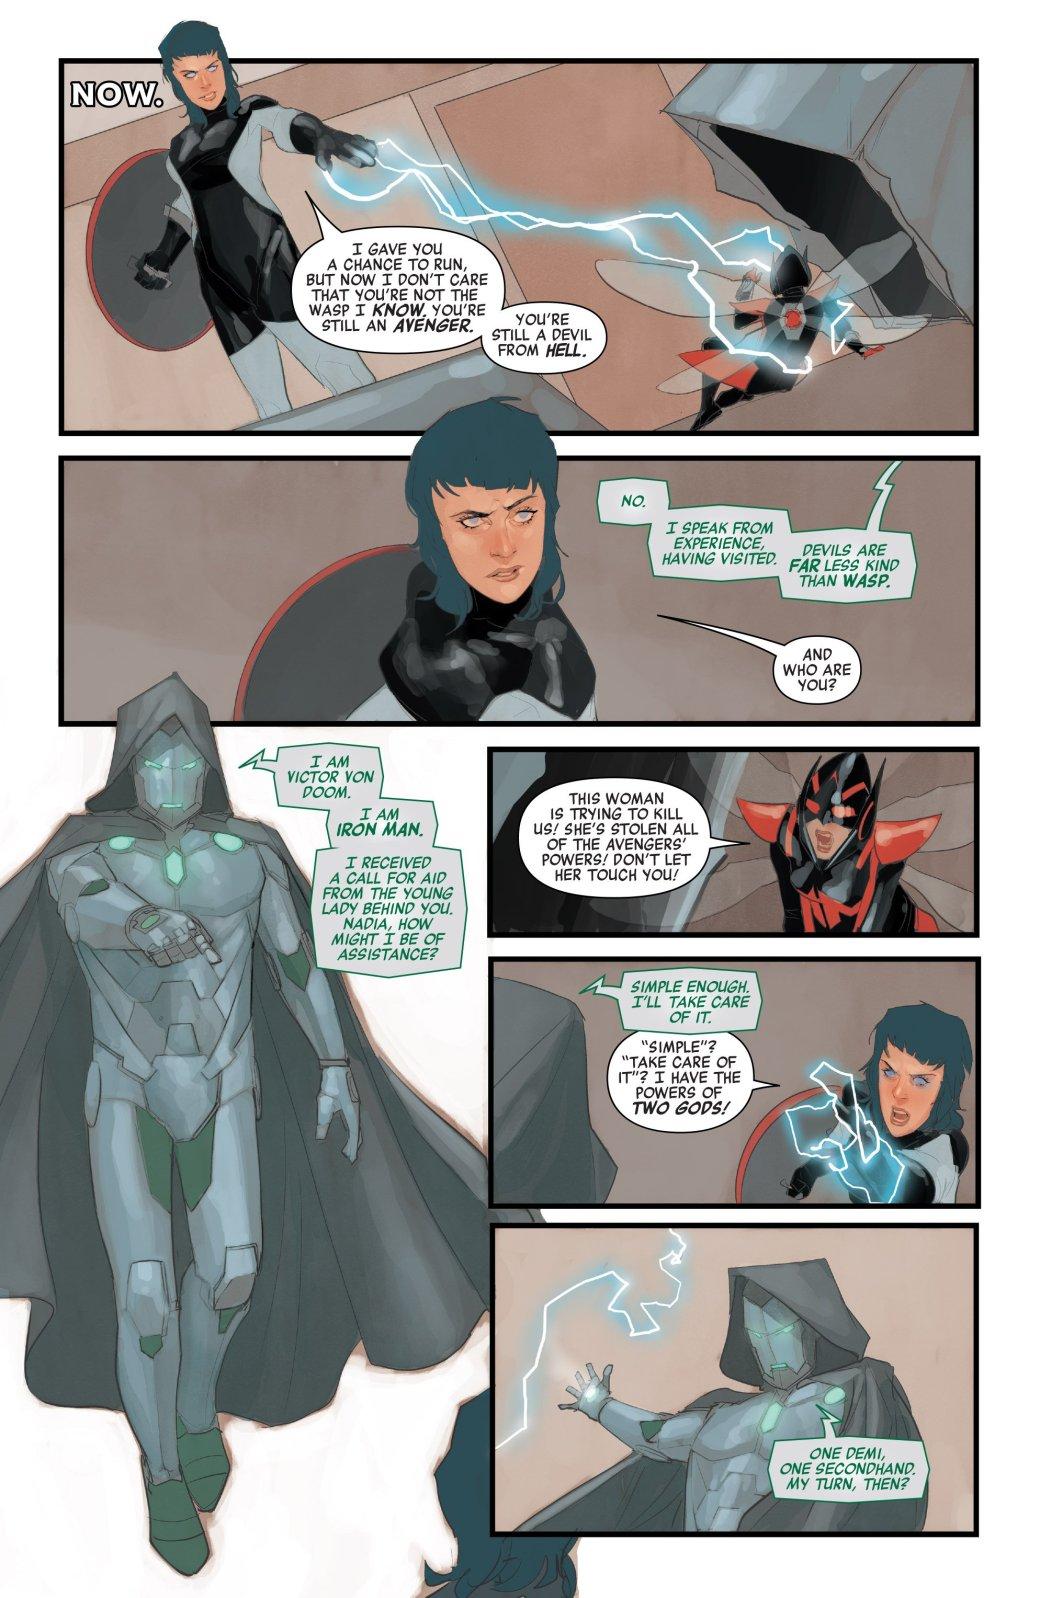 Доктор Дум на скамье запасных: пока не Мститель, но уже очень близок